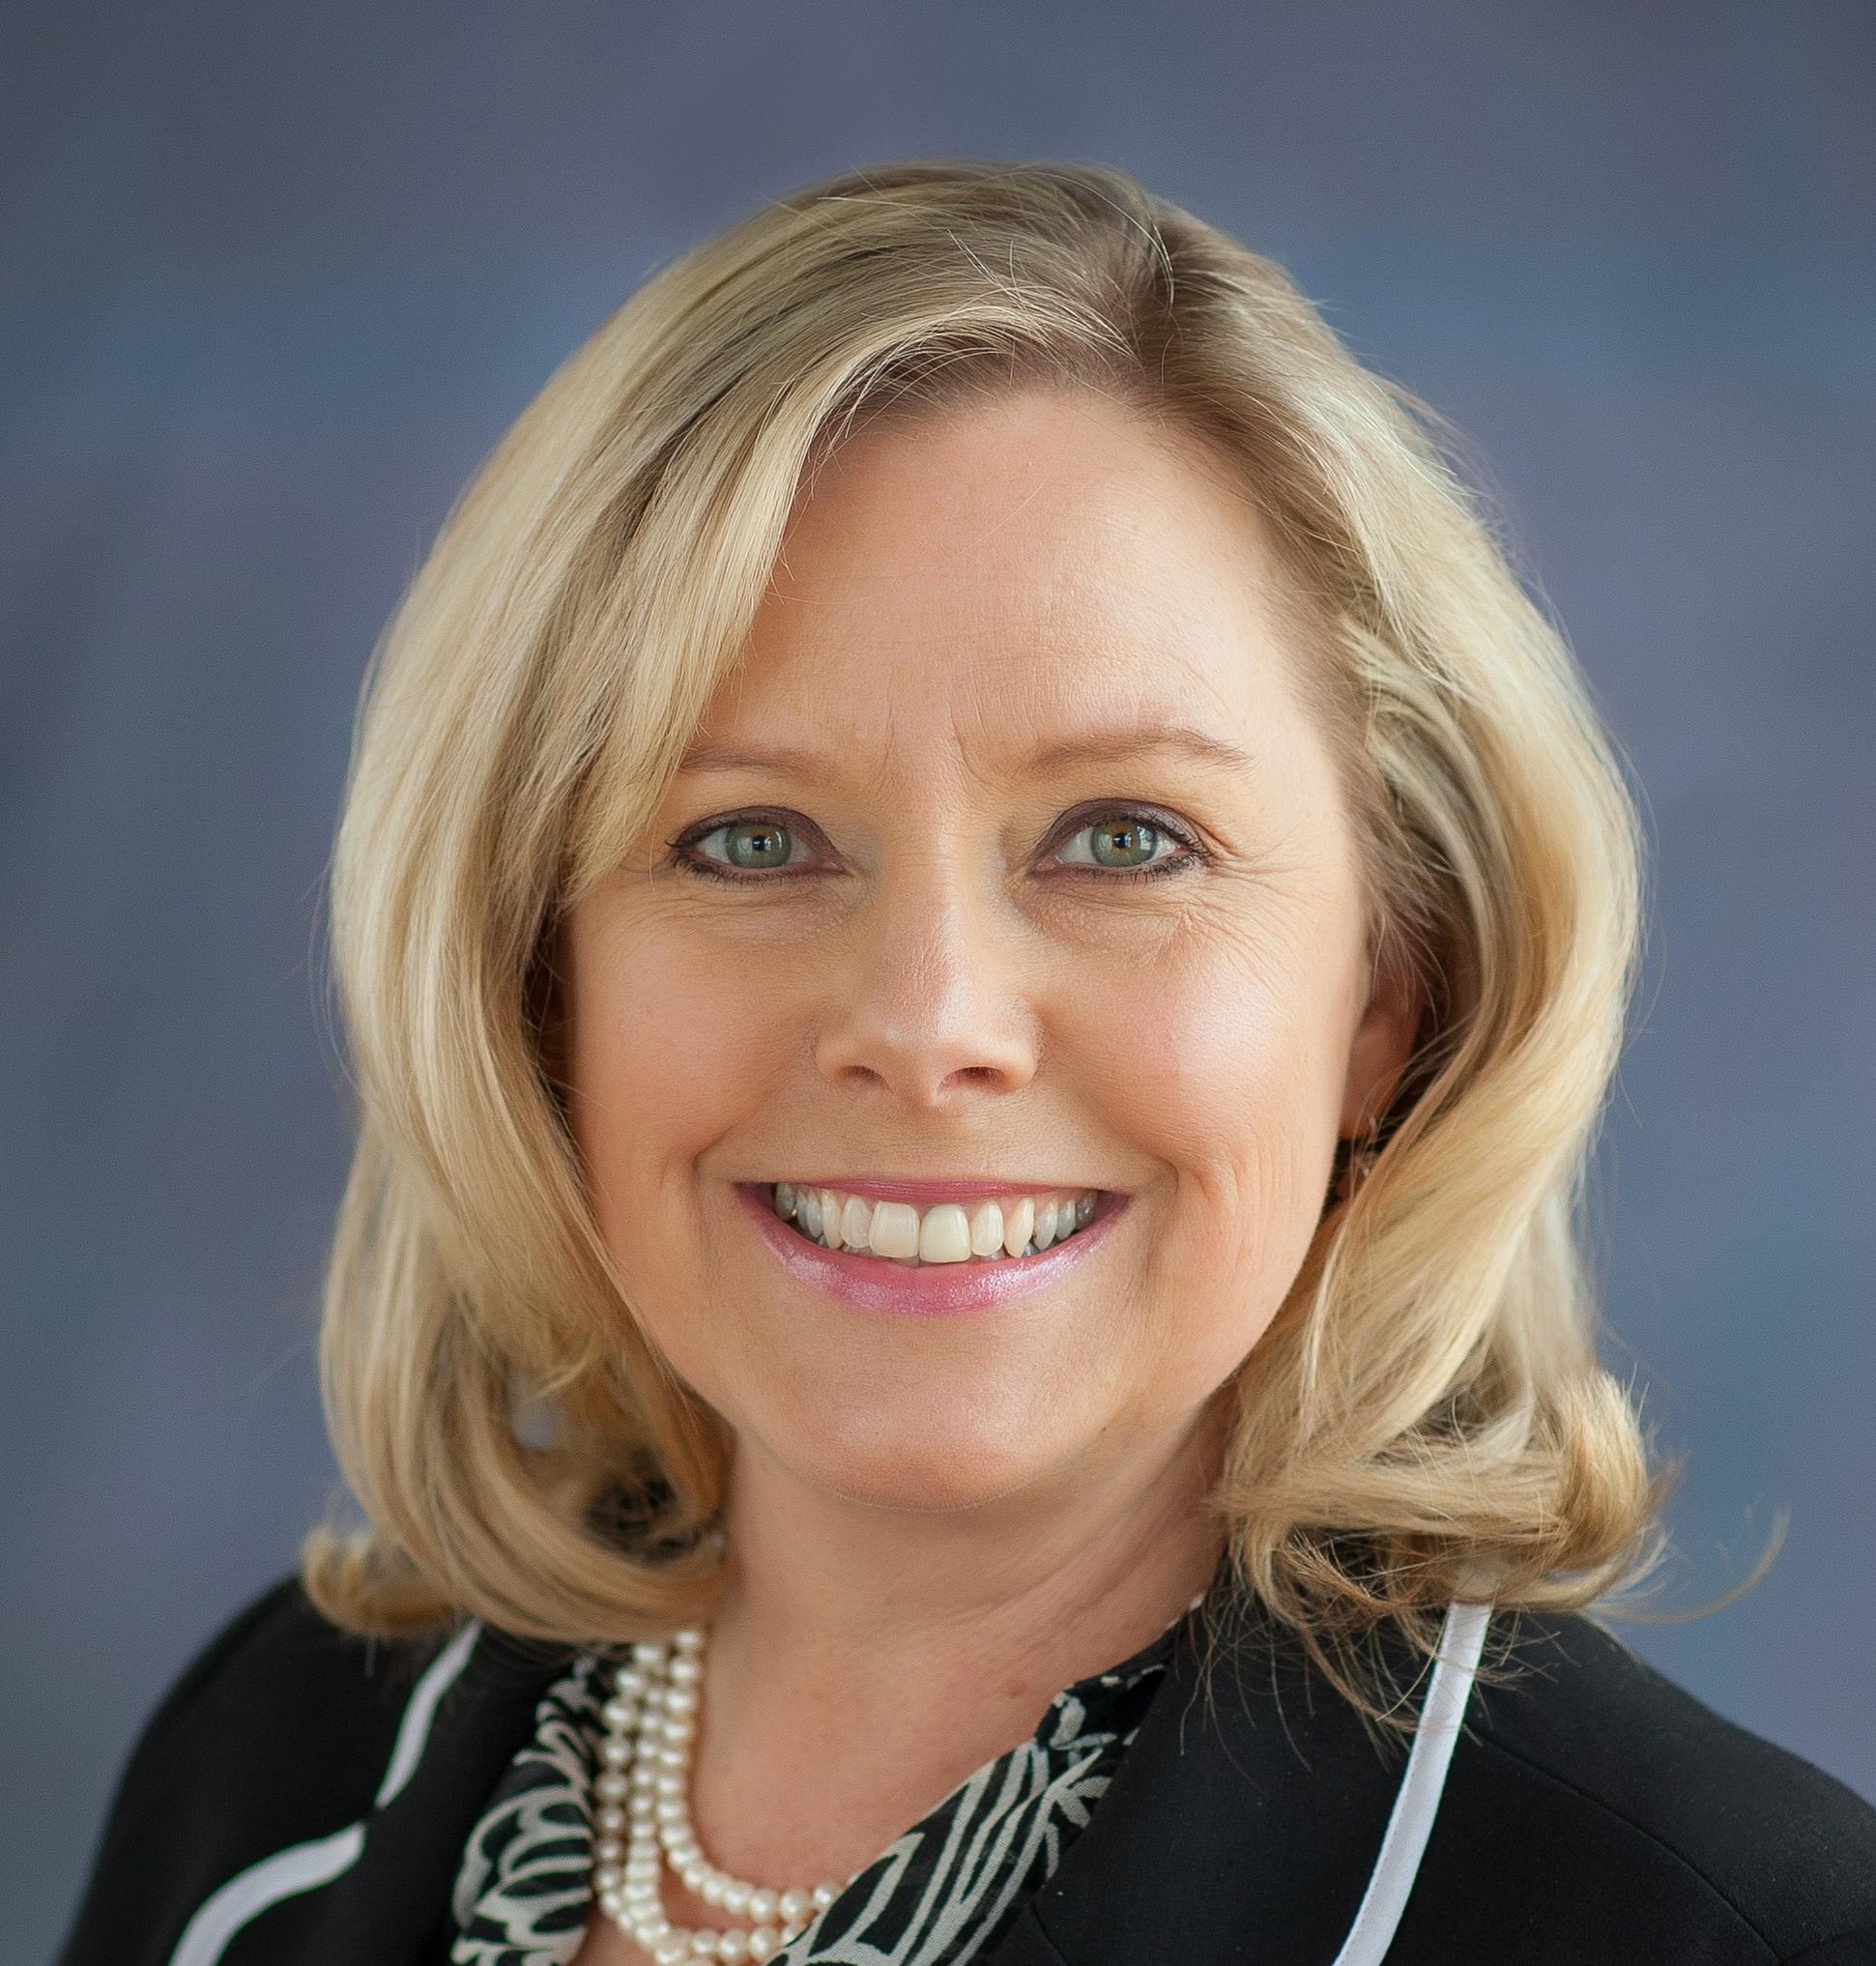 Jill Schulz